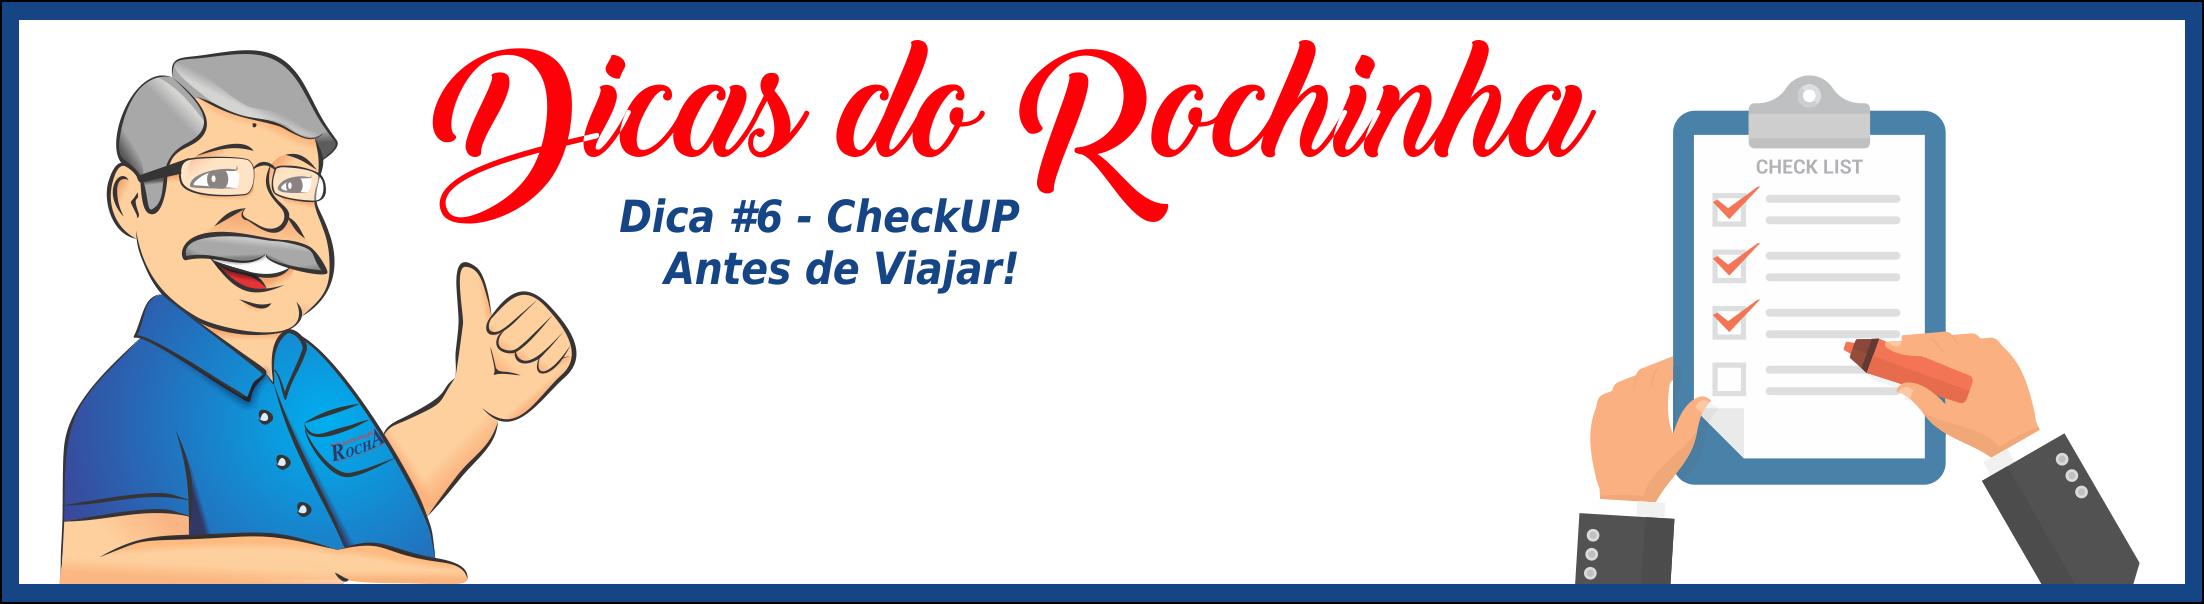 DICA DO ROCHINHA DICA#6